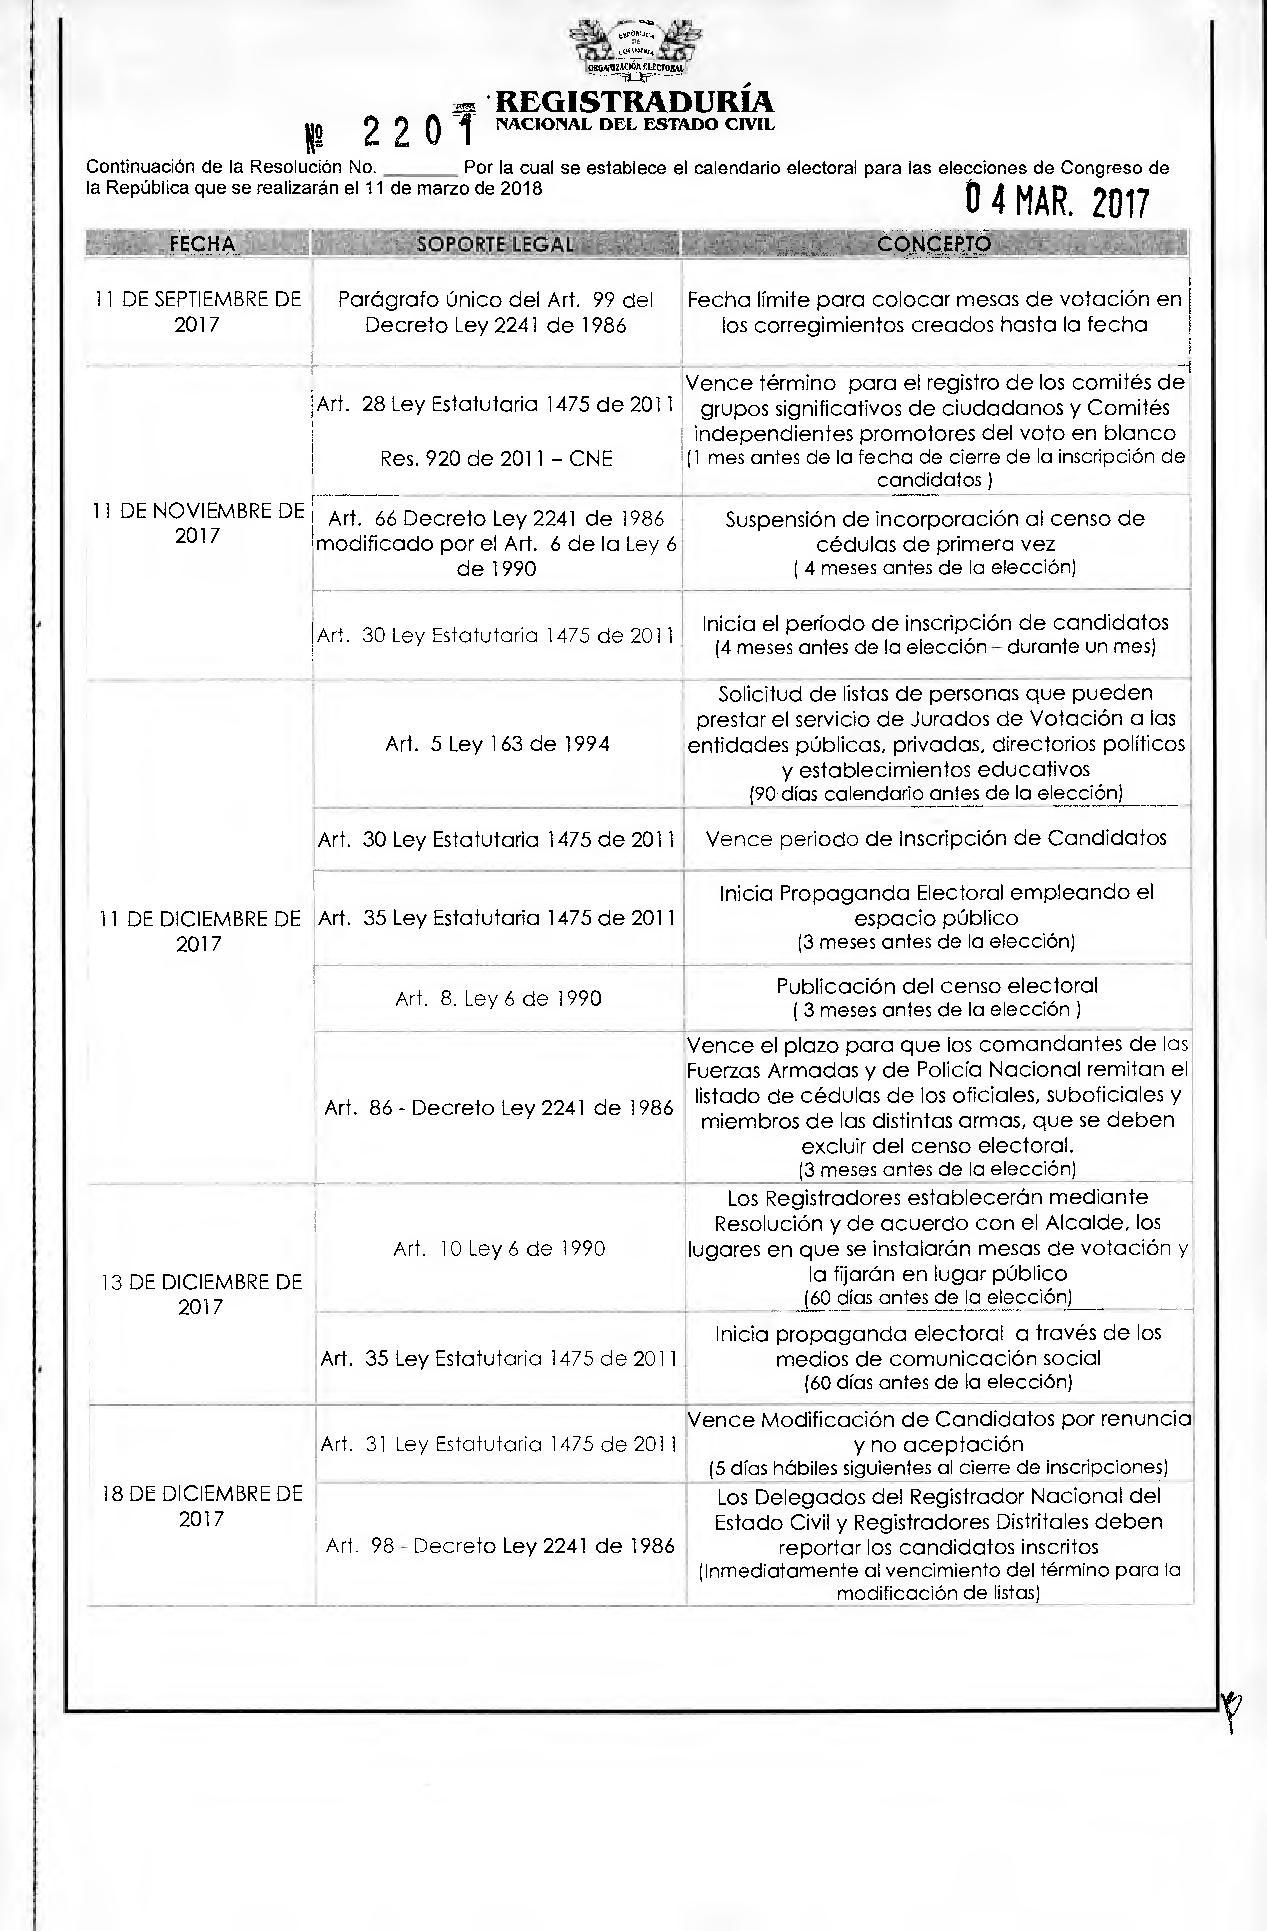 Resolucion_2201_ELECCIONES_CONGRESO-page-002